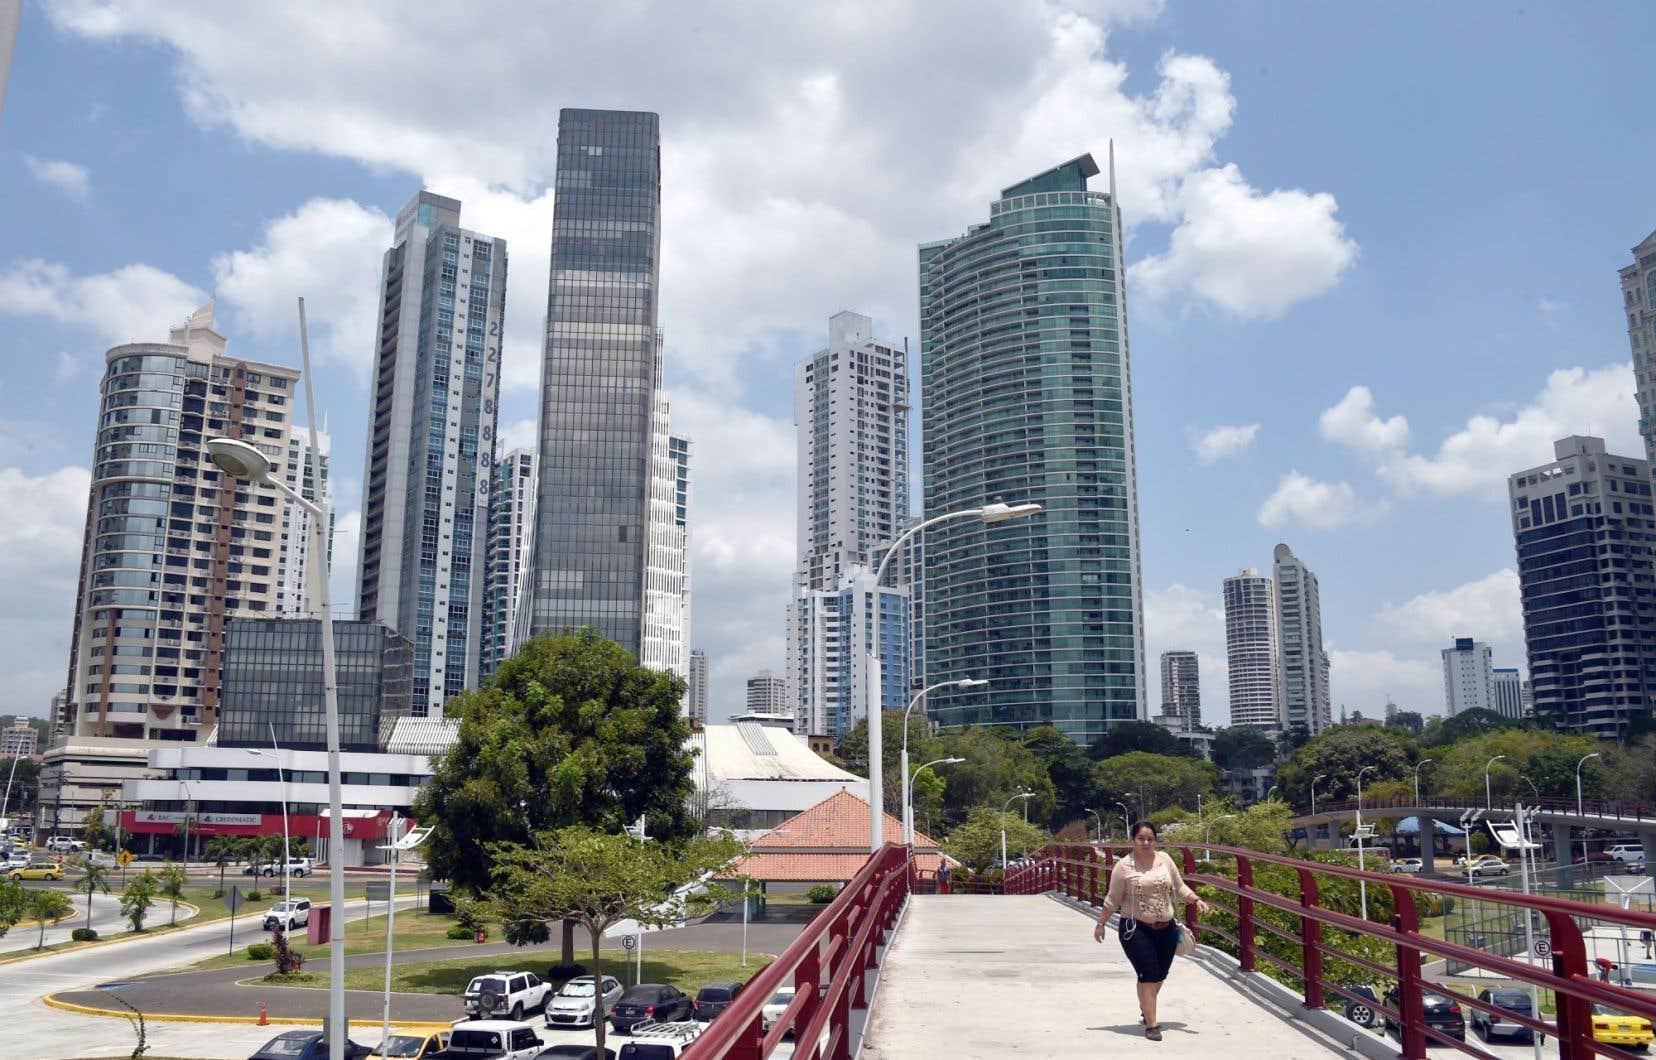 Les grandes institutions financières et les entreprises multinationales ont appris à délocaliser facticement au Panama, à la Barbade, au Luxembourg ou à Hong-Kong.